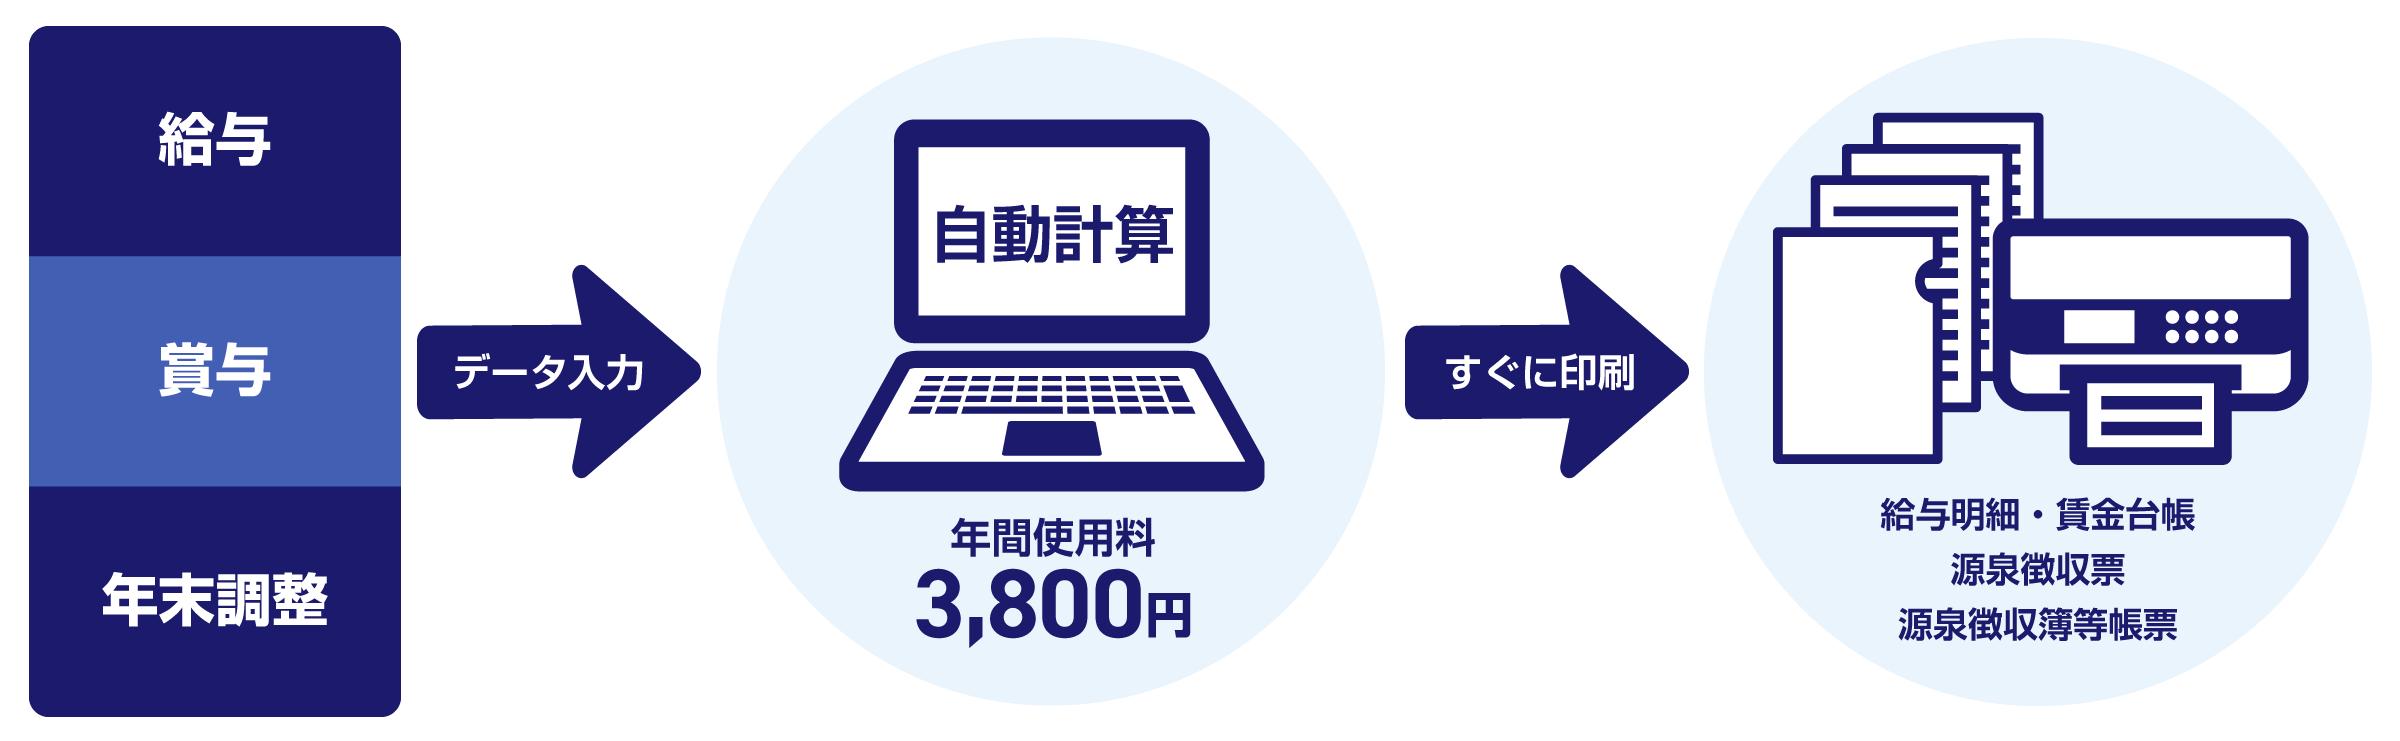 シンプルで簡単に使える安い給与ソフト